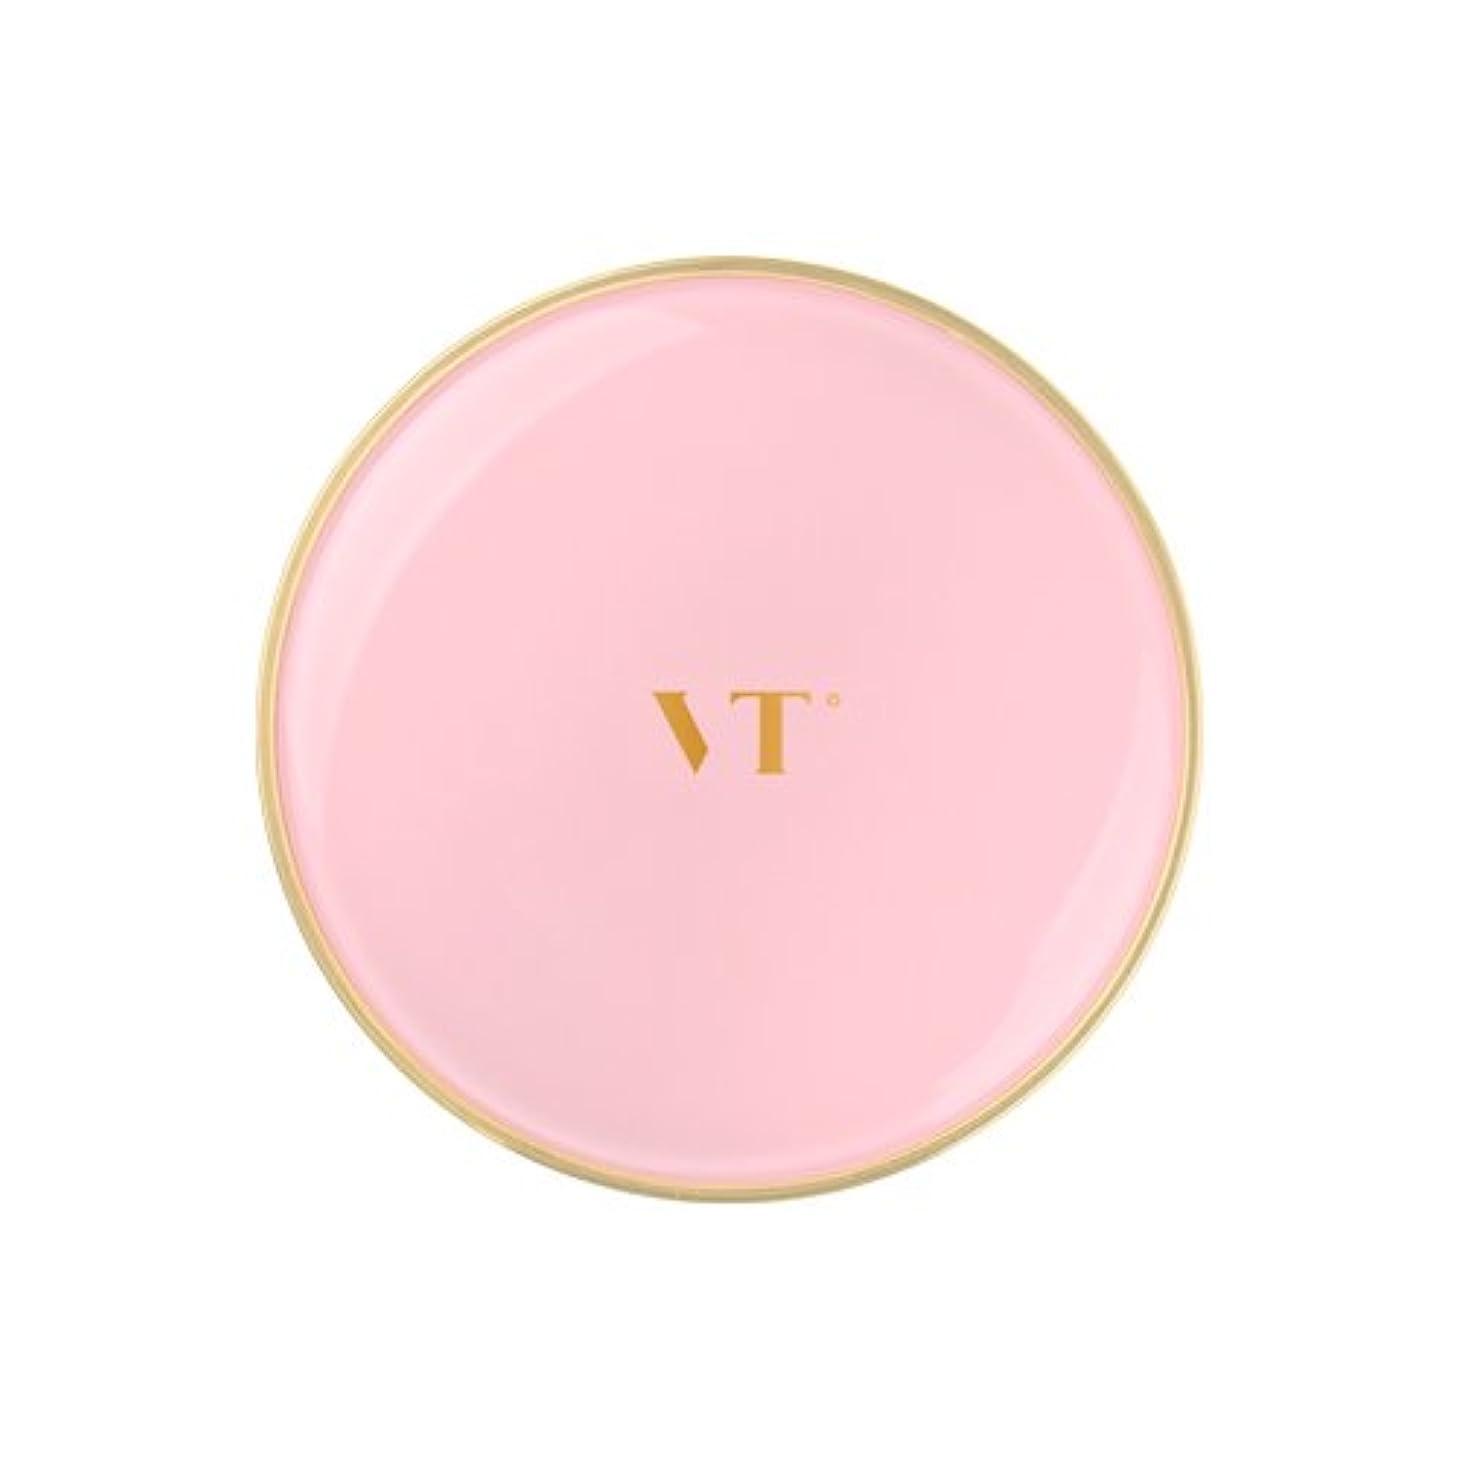 抱擁チャンバー汚染されたVT Collagen Pact 11g/ブイティー コラーゲン パクト 11g [並行輸入品]